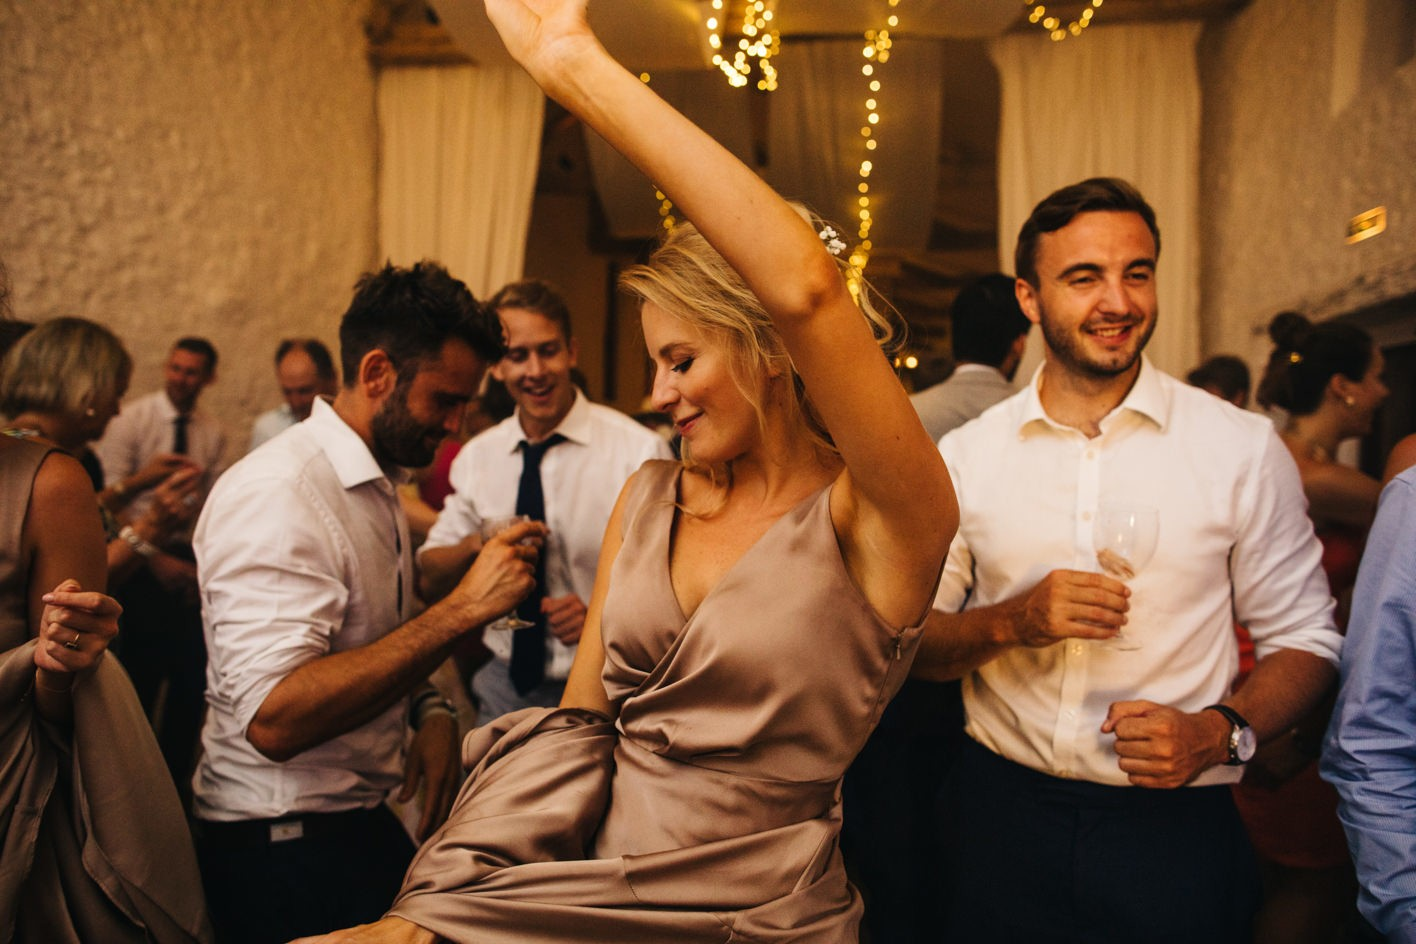 french wedding chateau de la bourlie dordogne 129